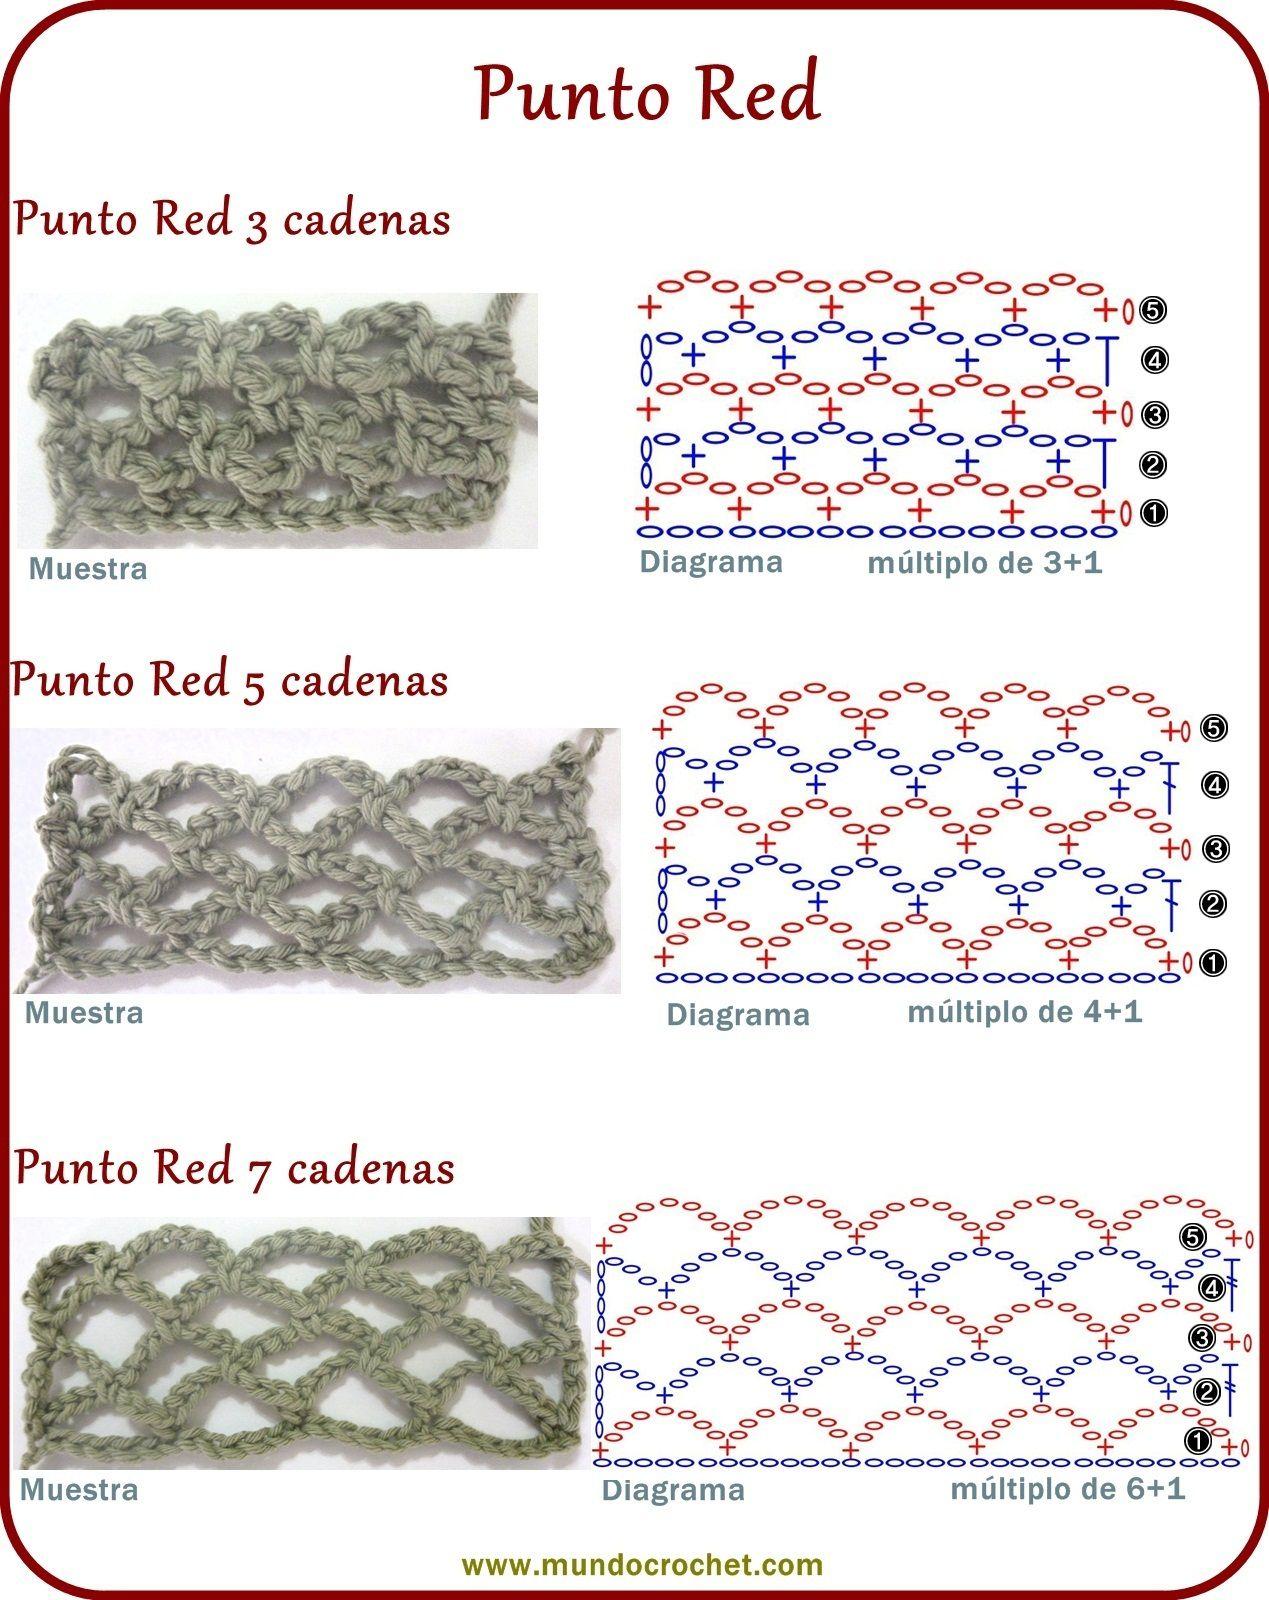 Punto red - Crochet stitch - вязание крючком пунктов | NEEDLE WORK ...